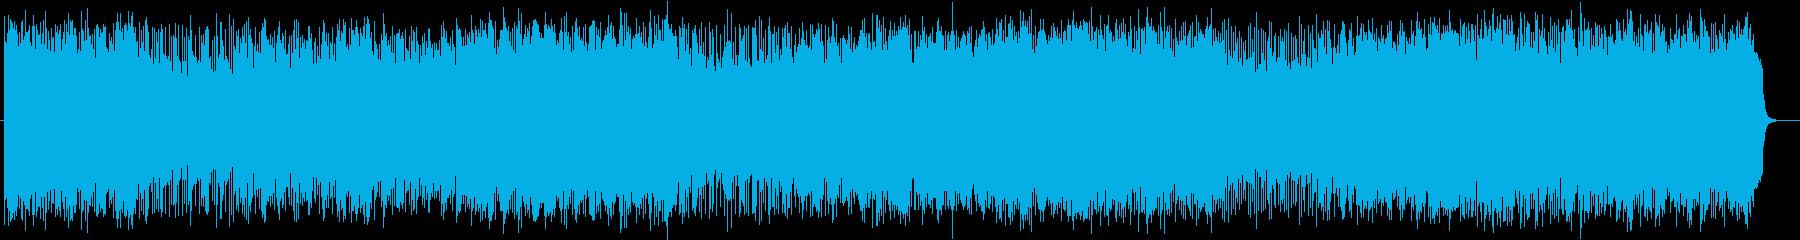 壮大で明るいシンセサイザーのポップスの再生済みの波形